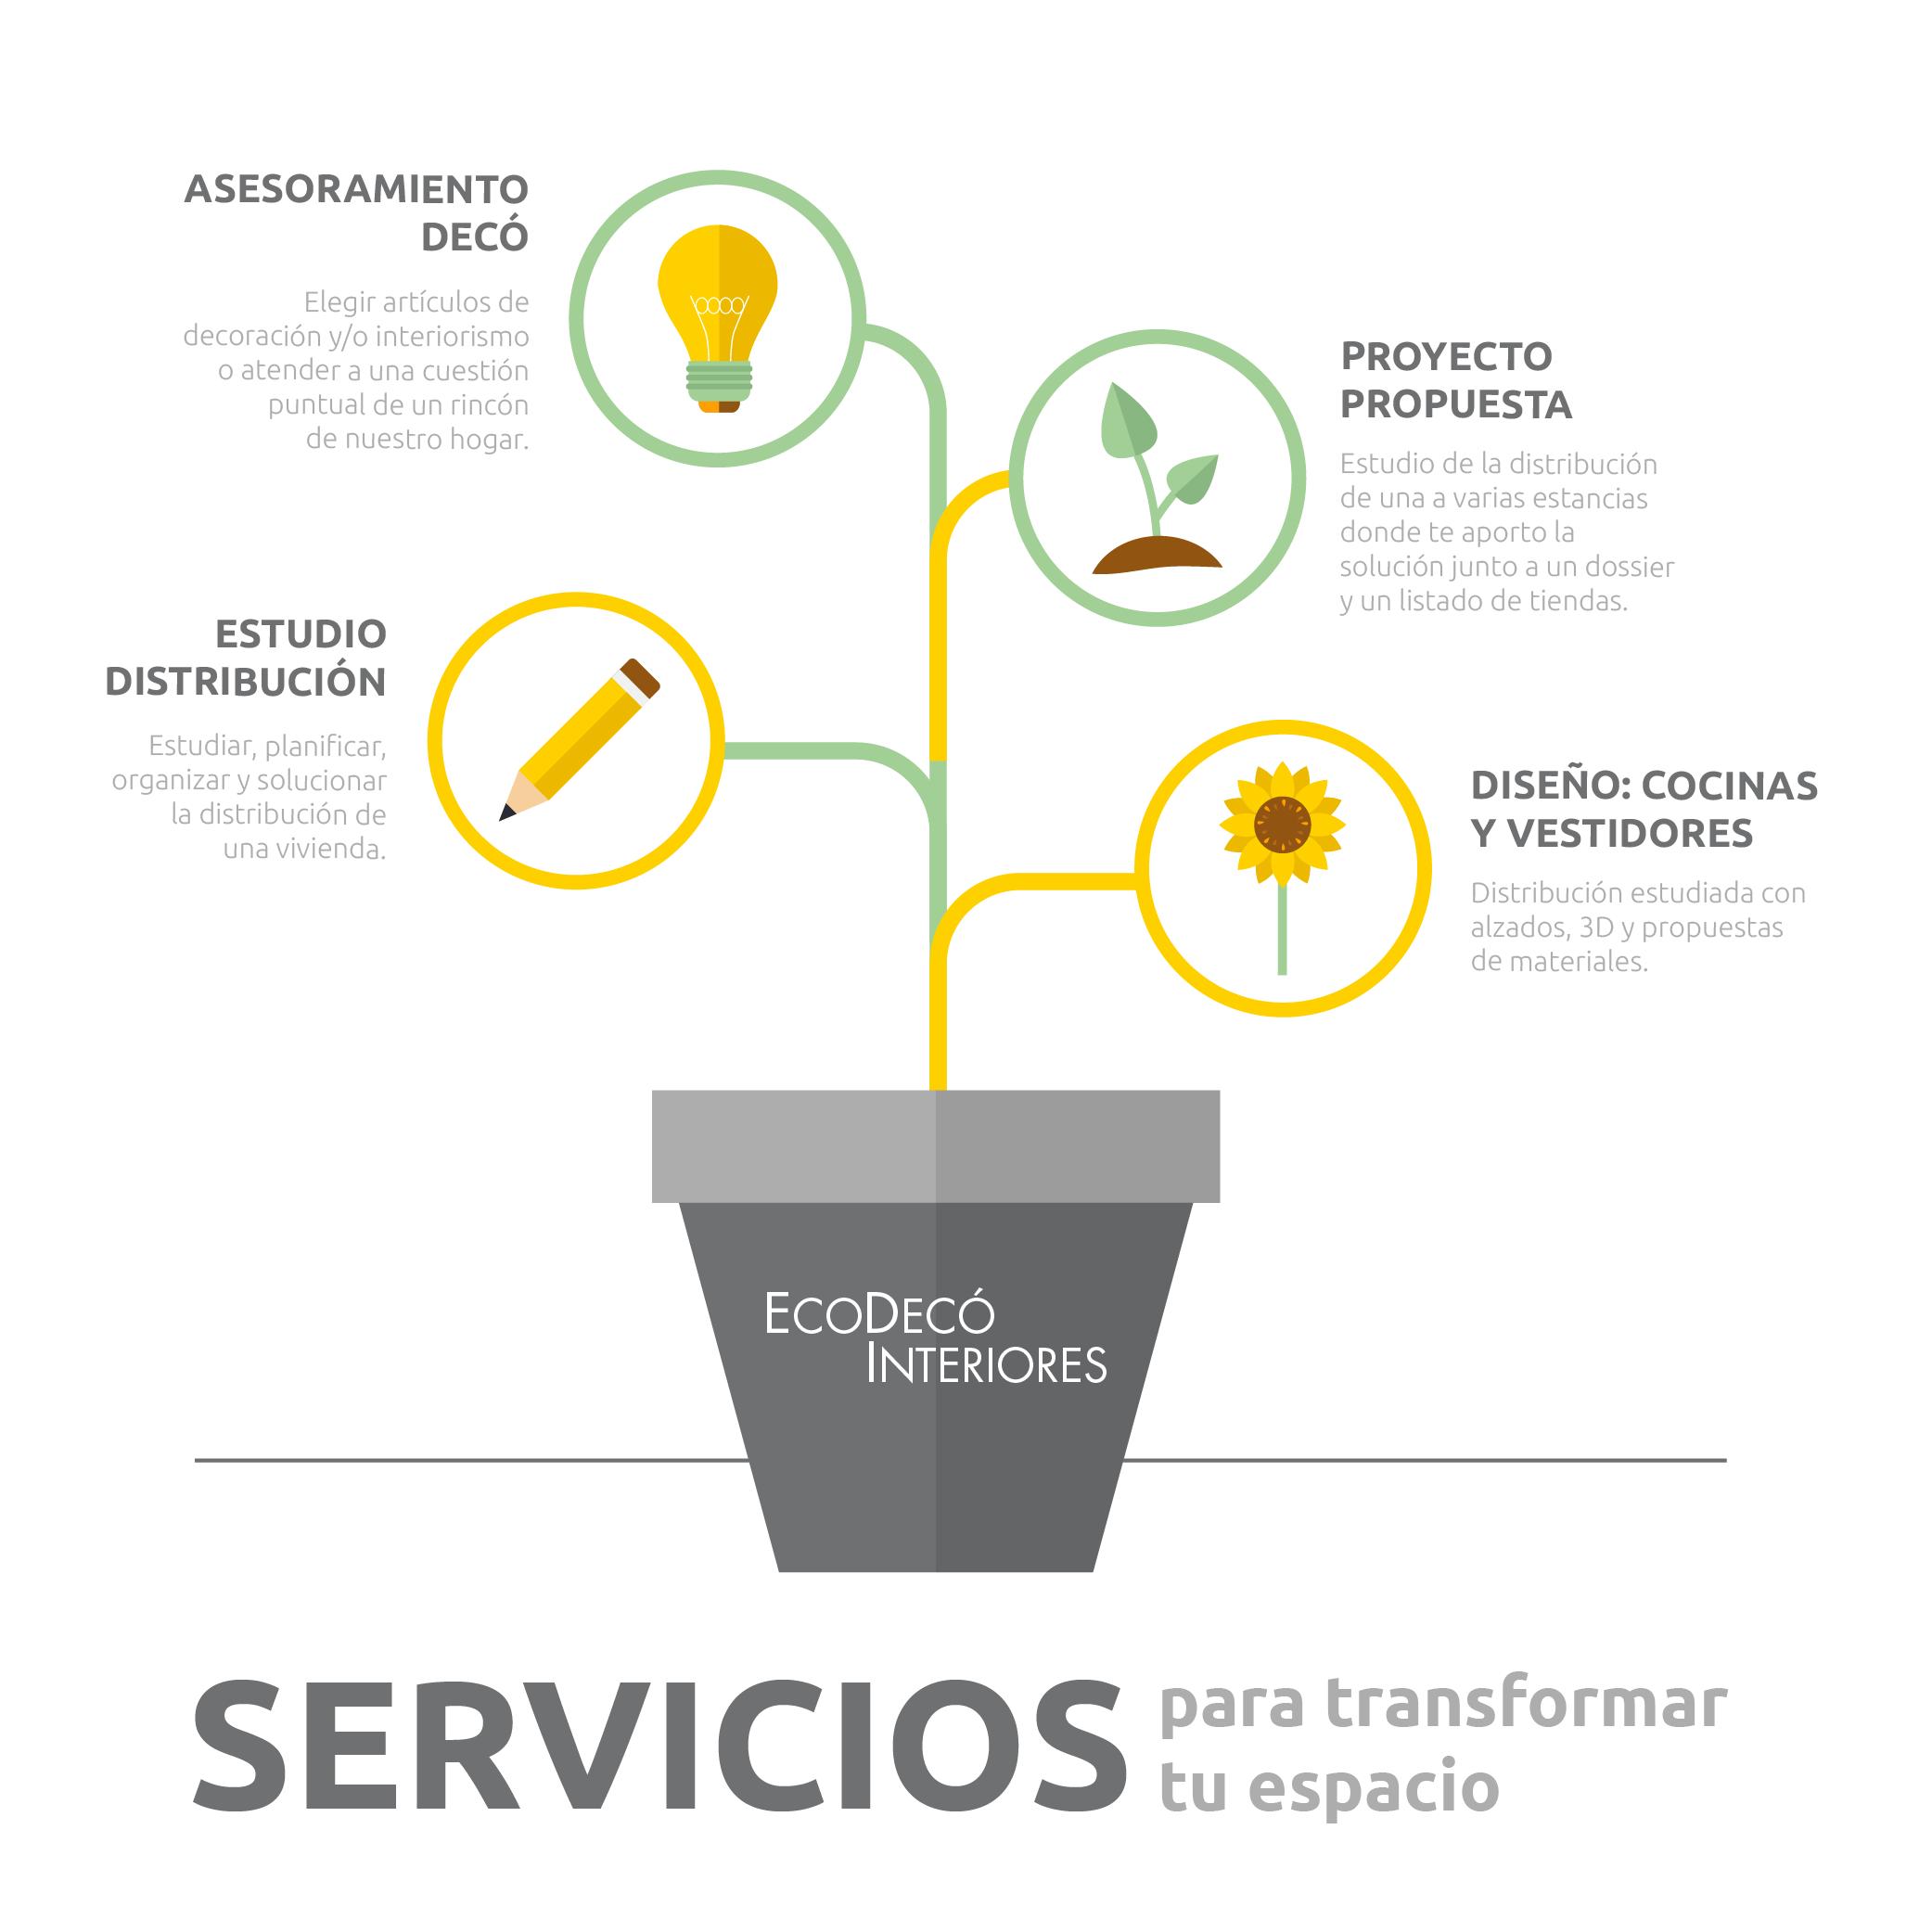 diagrama servicios web-test3-01